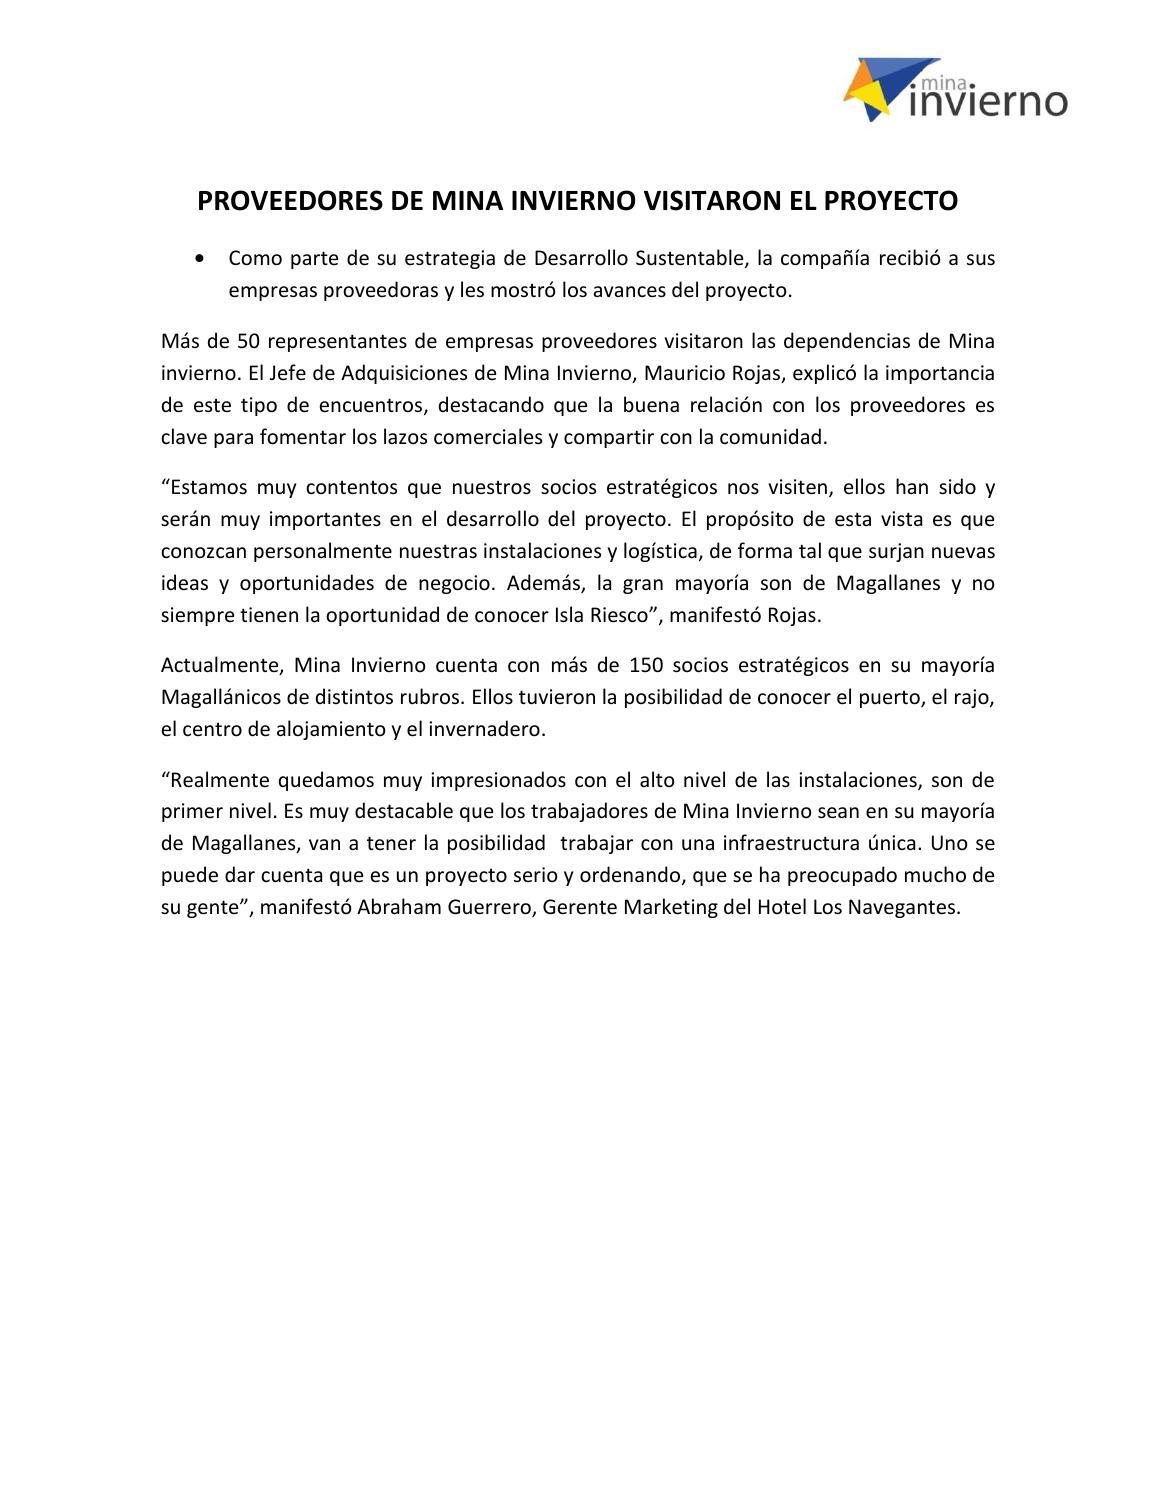 Proveedores de mina invierno visitaron el proyecto by mina - Proyecto el invierno ...